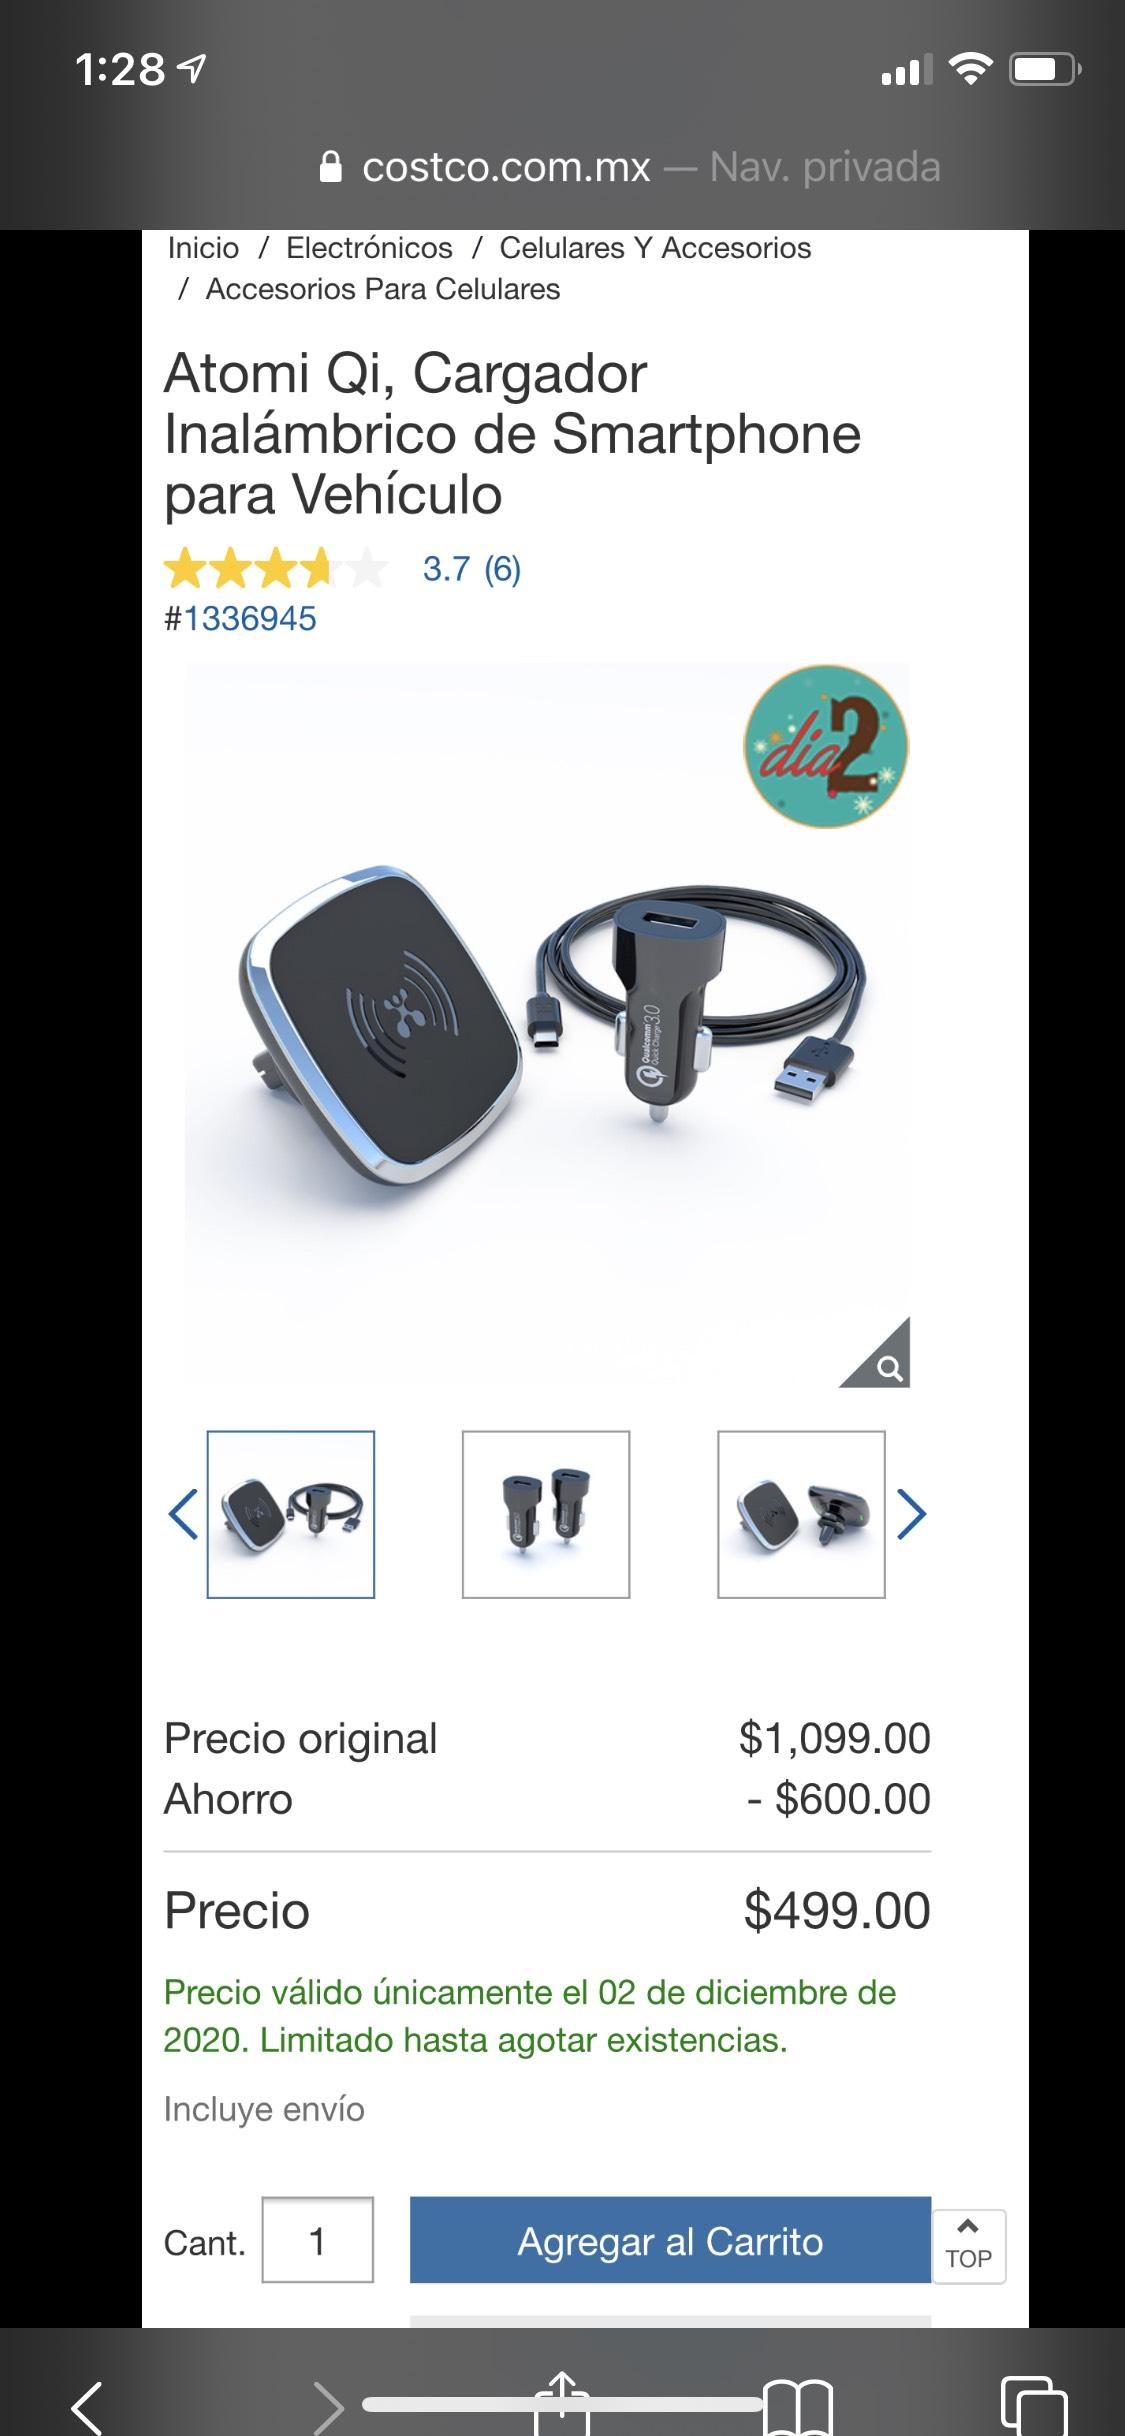 Costco - Atomi Qi, Cargador Inalámbrico de Smartphone para Vehículo